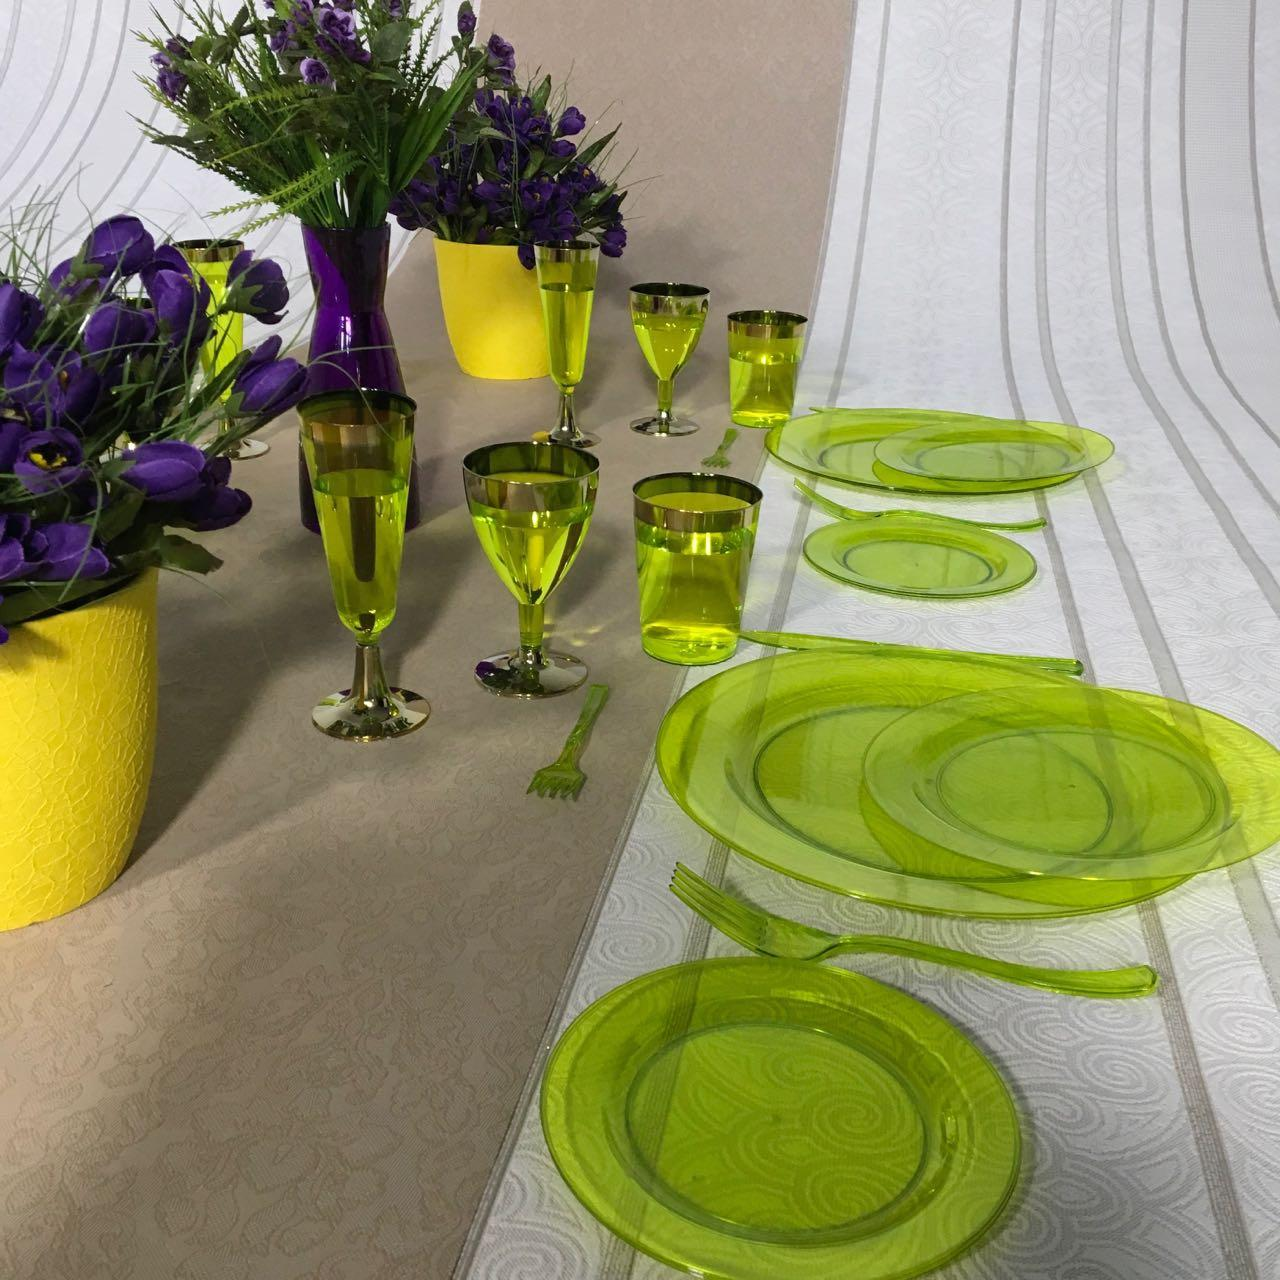 Тарелки стеклопластик многоразовые оптом от производителя для ресторанов ,кейтеринга, хореки CFP 6 шт 260 мм